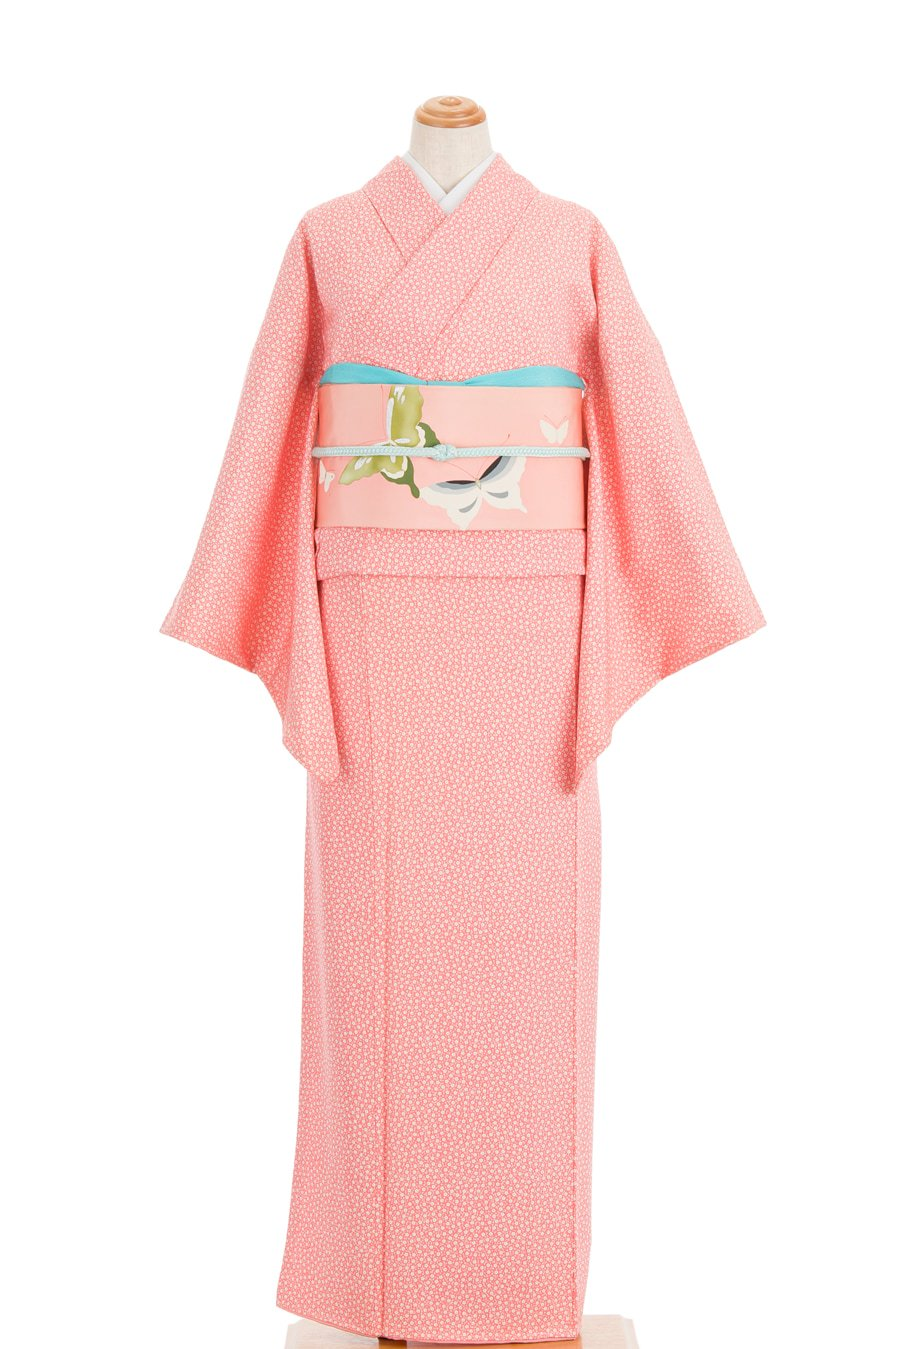 「ピンク地 白い小花」の商品画像